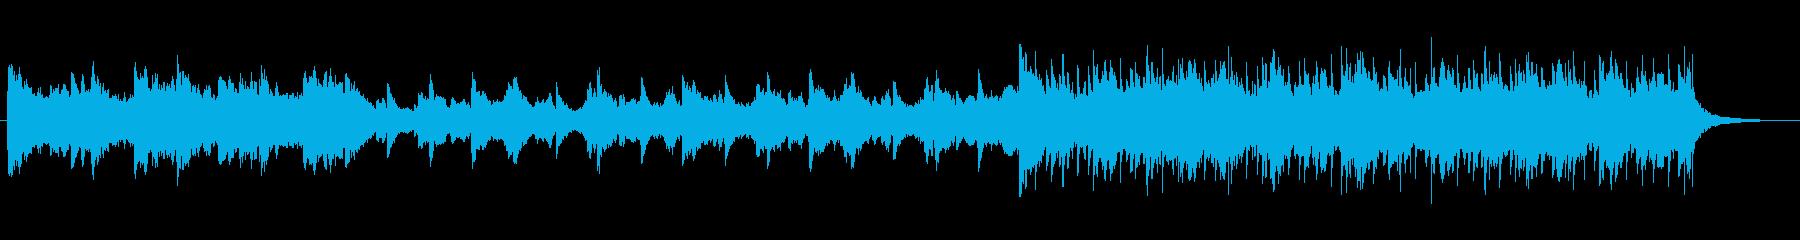 ピアノとストリングスのヒールミュージックの再生済みの波形